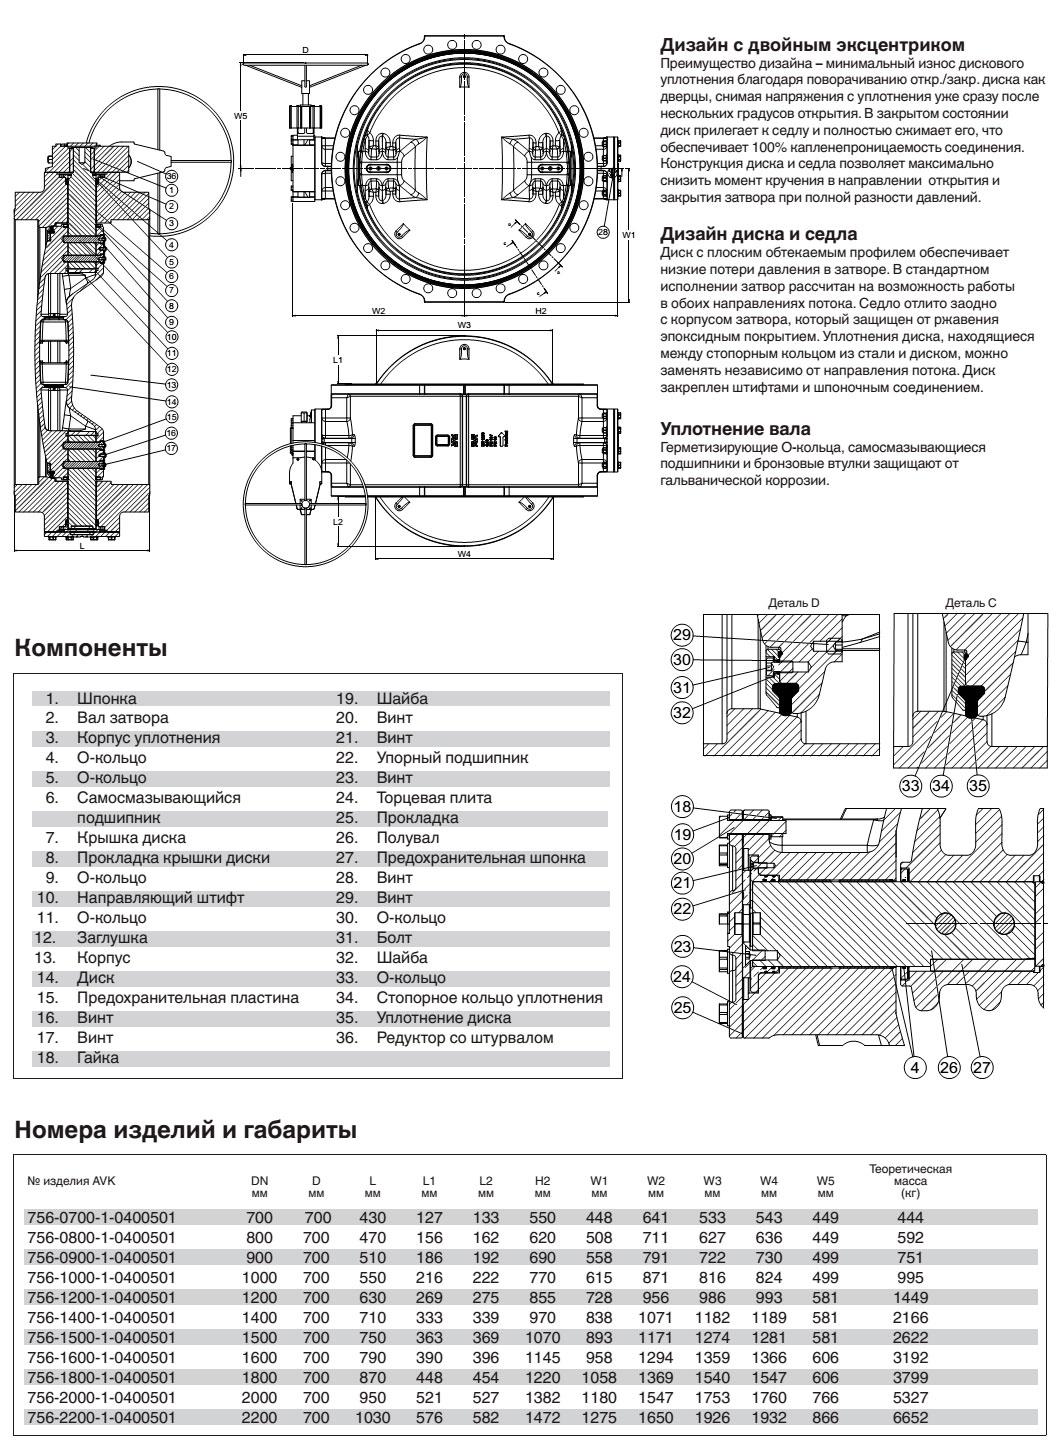 AVK затвор дисковый поворотный, PN 10, с встроенным седлом и редуктором IP68 с индикатором положения